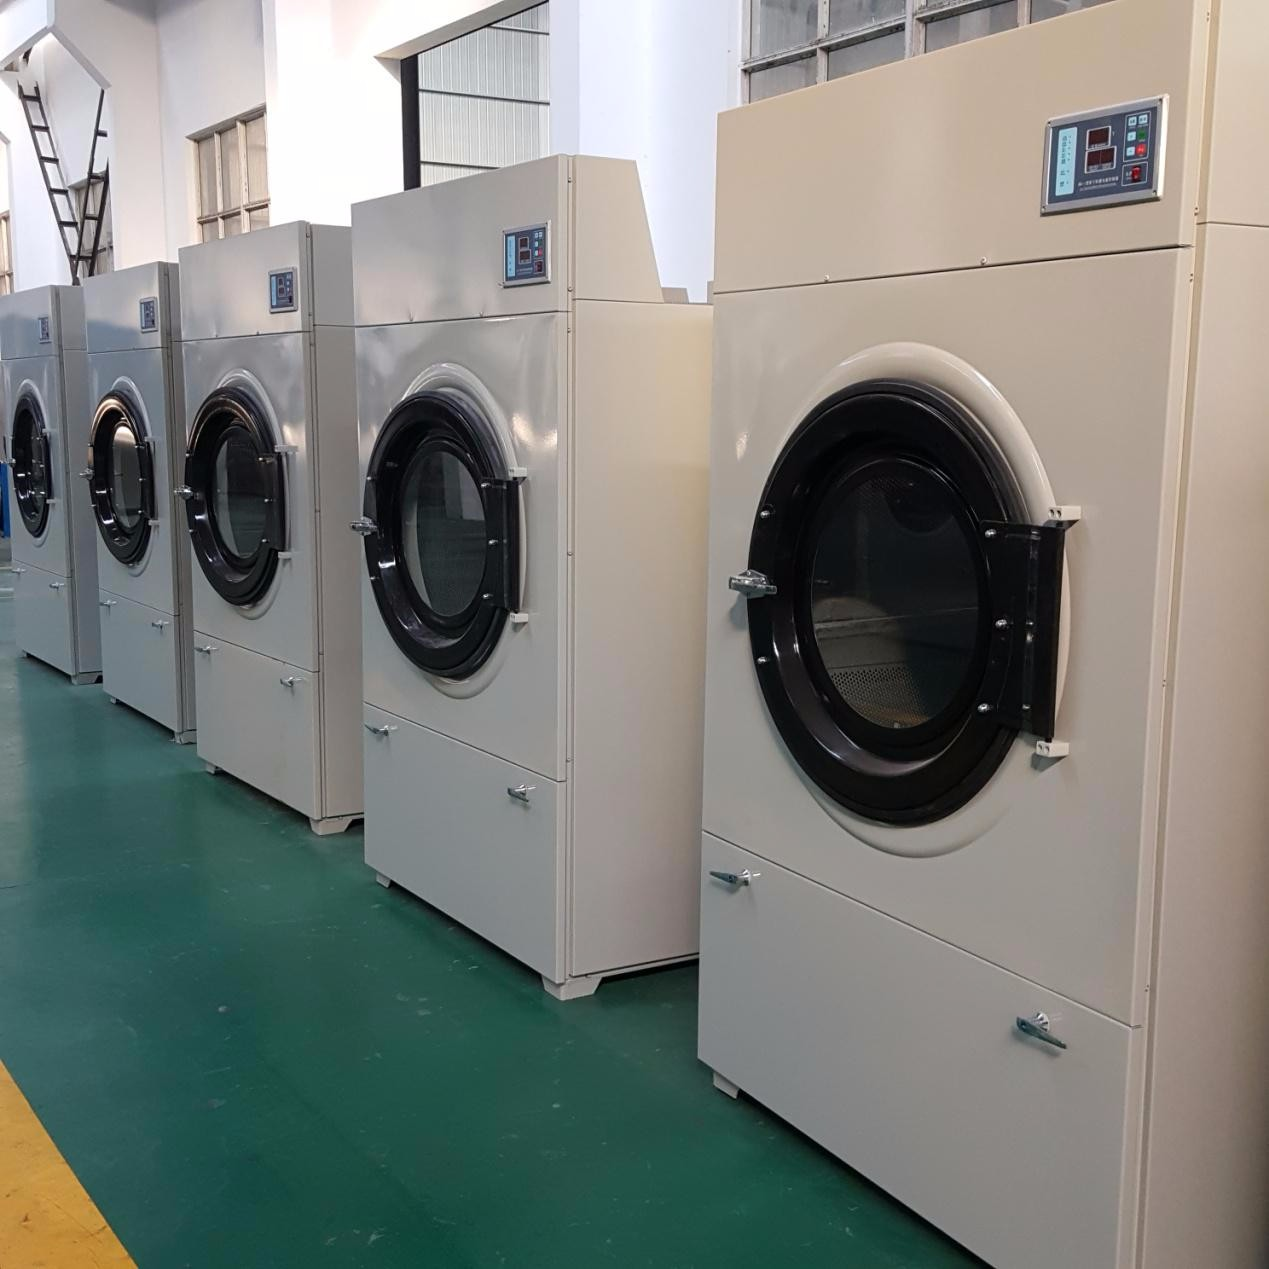 烘干机制造商-哪家脱水机性价比高-泰州锦衣卫机械制造有限公司